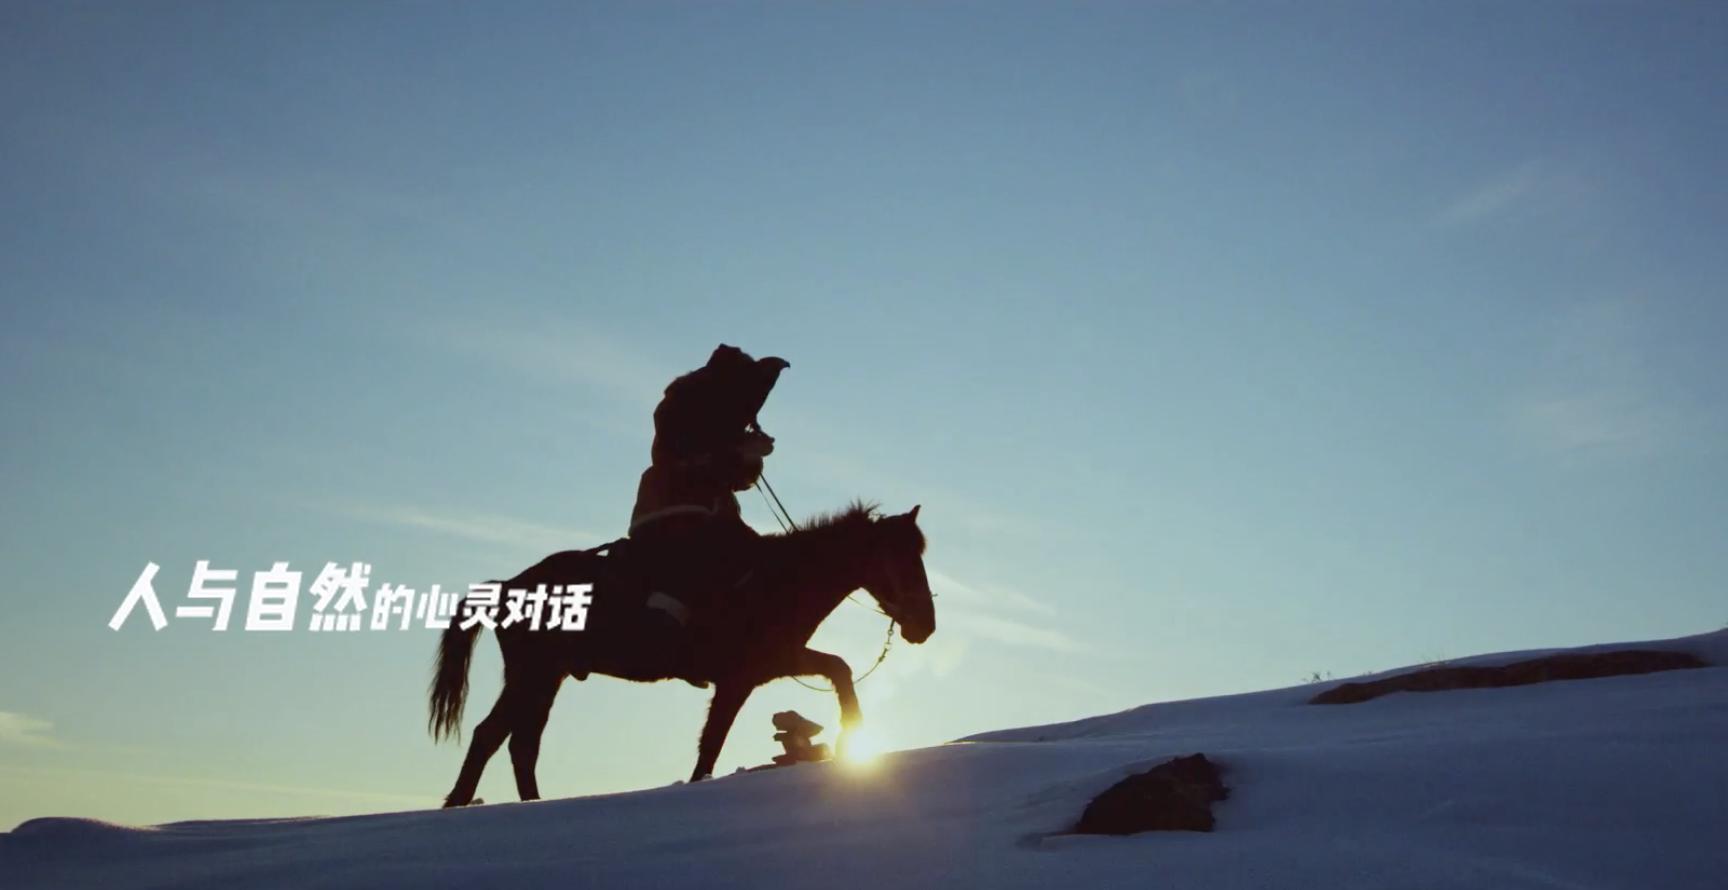 50集《金山遗珠》系列微视频,即将上线,敬请期待